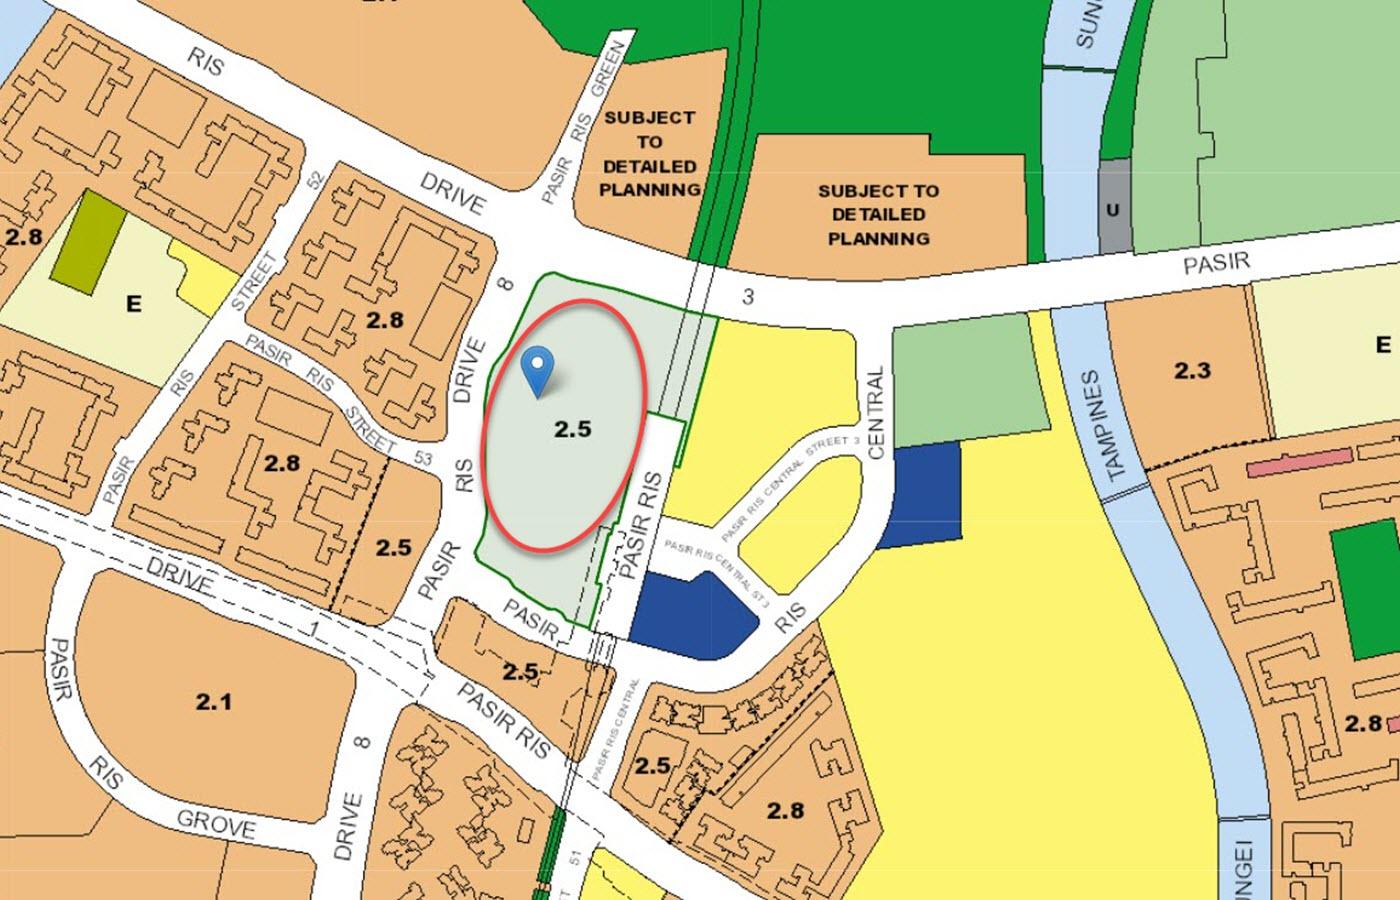 Pasir Ris 8 Condo Location - URA Master Plan Map